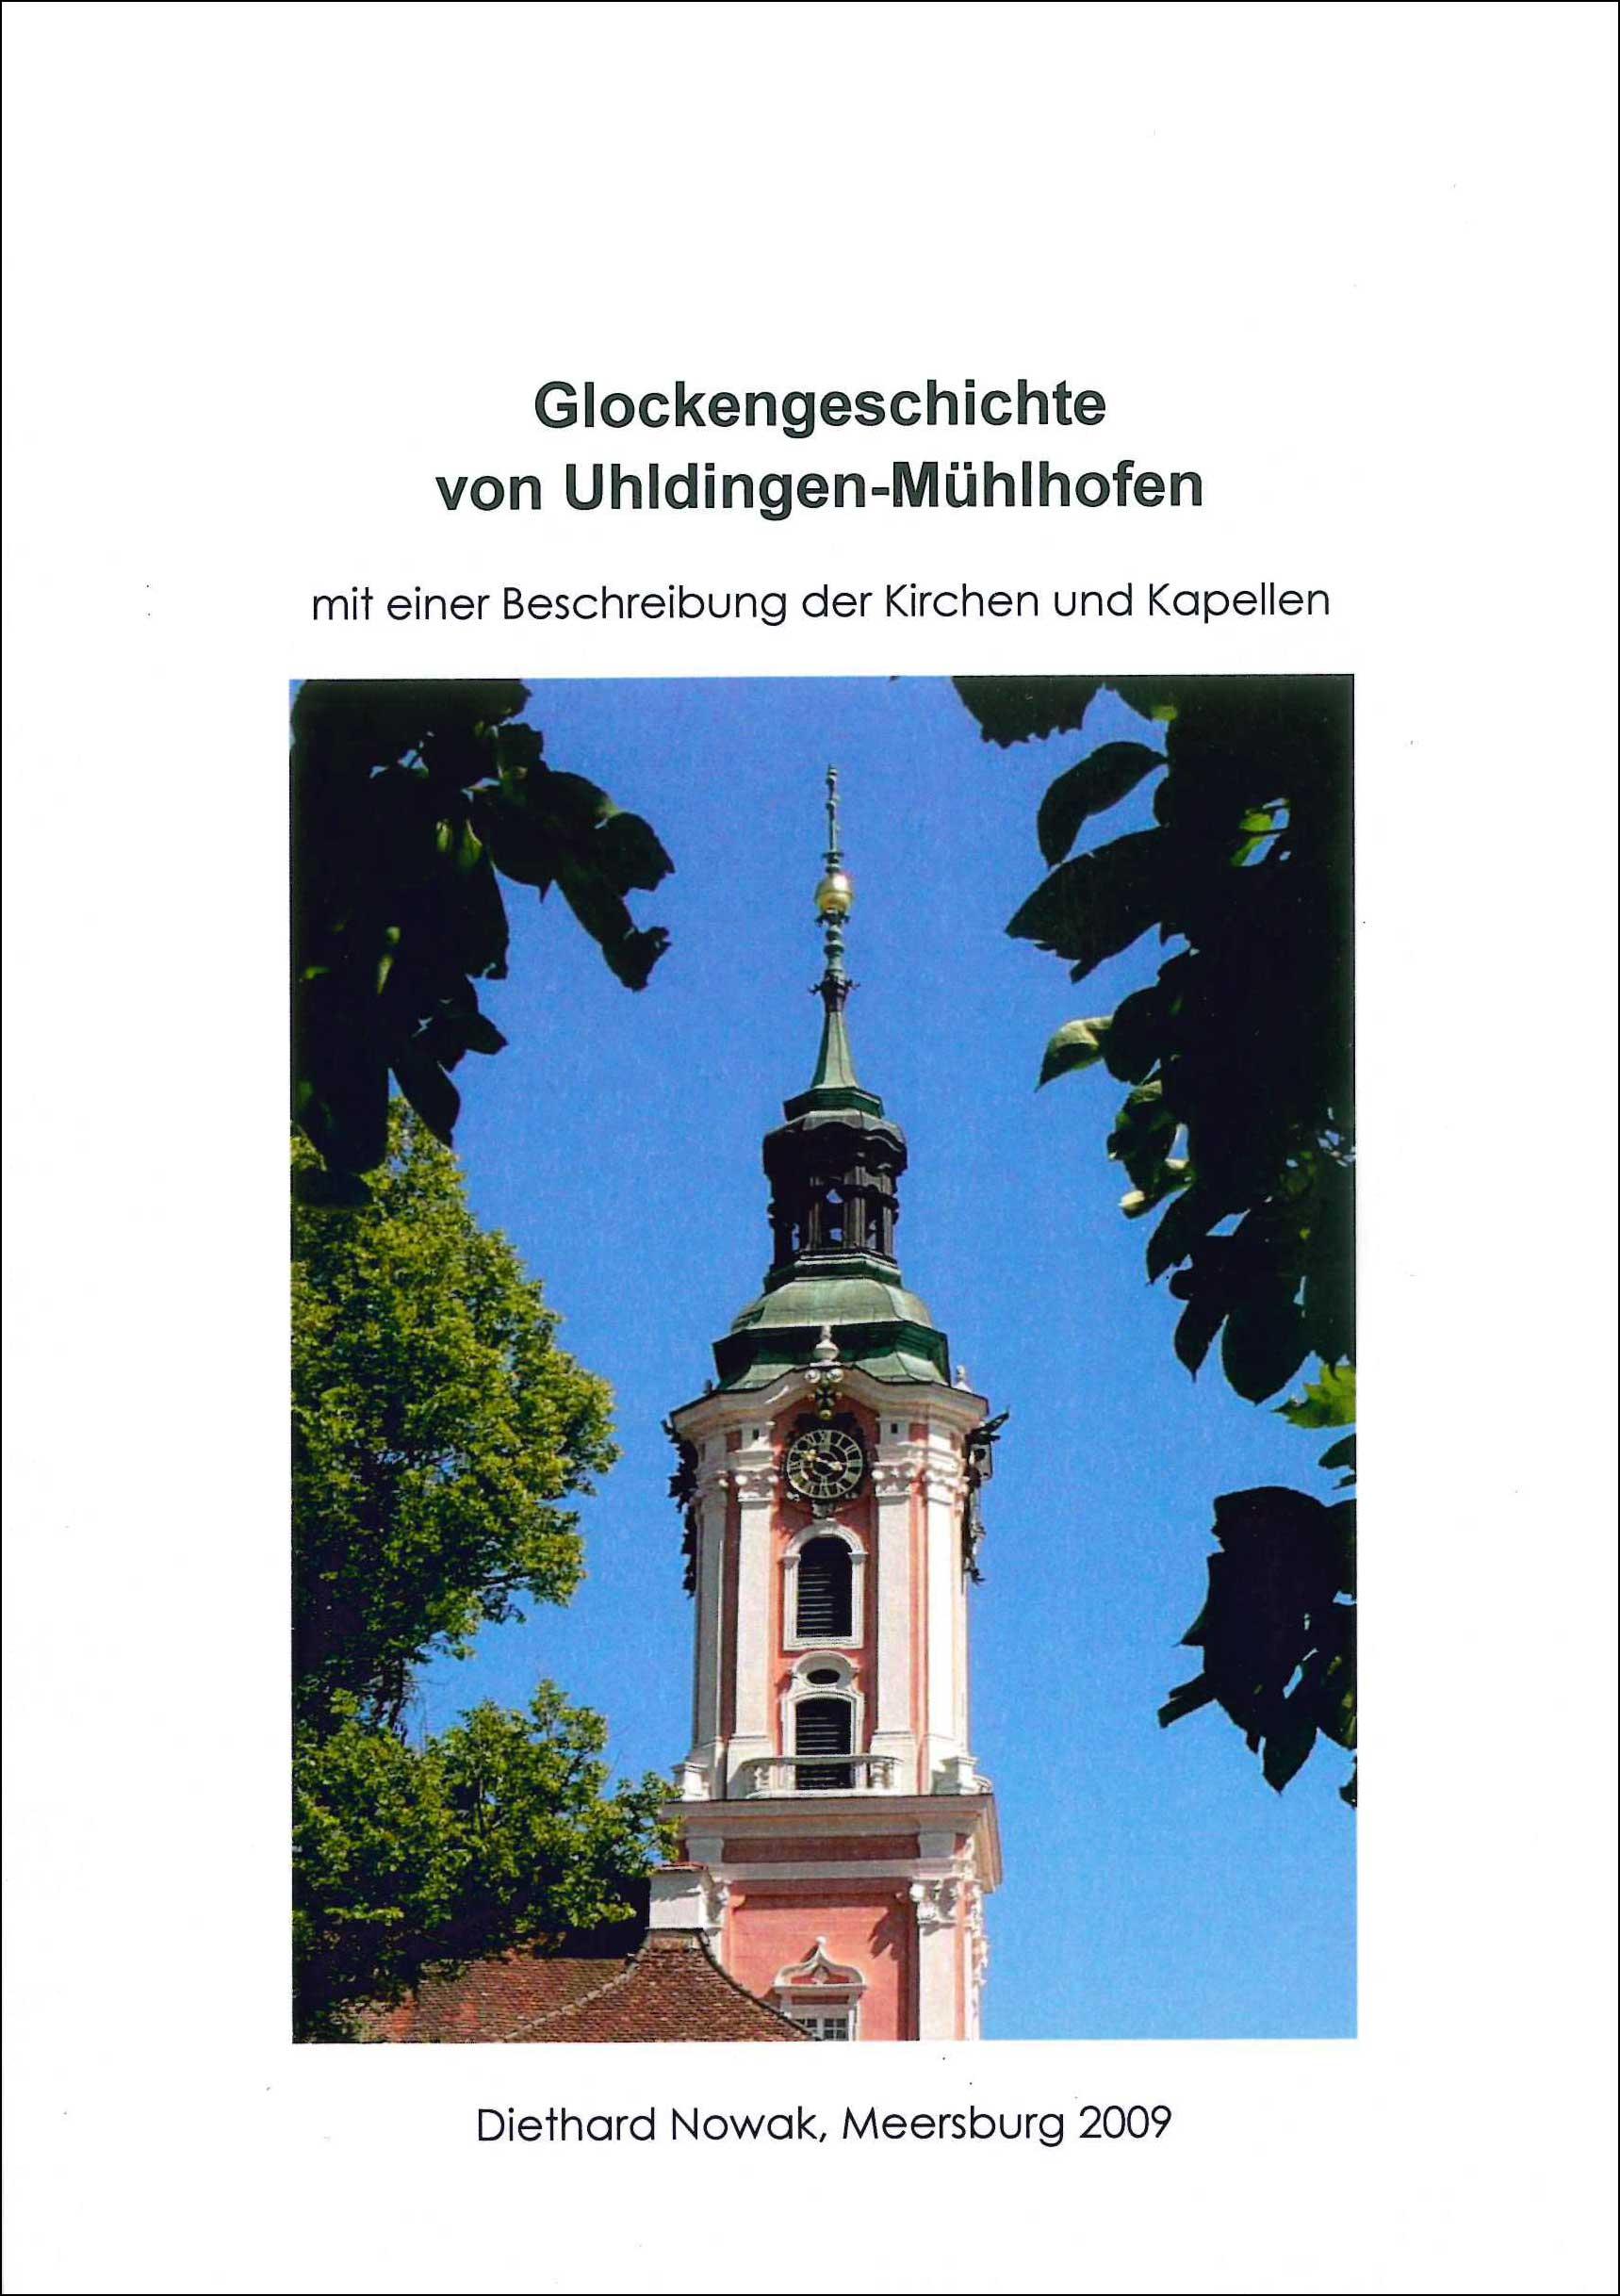 Glockengeschichte